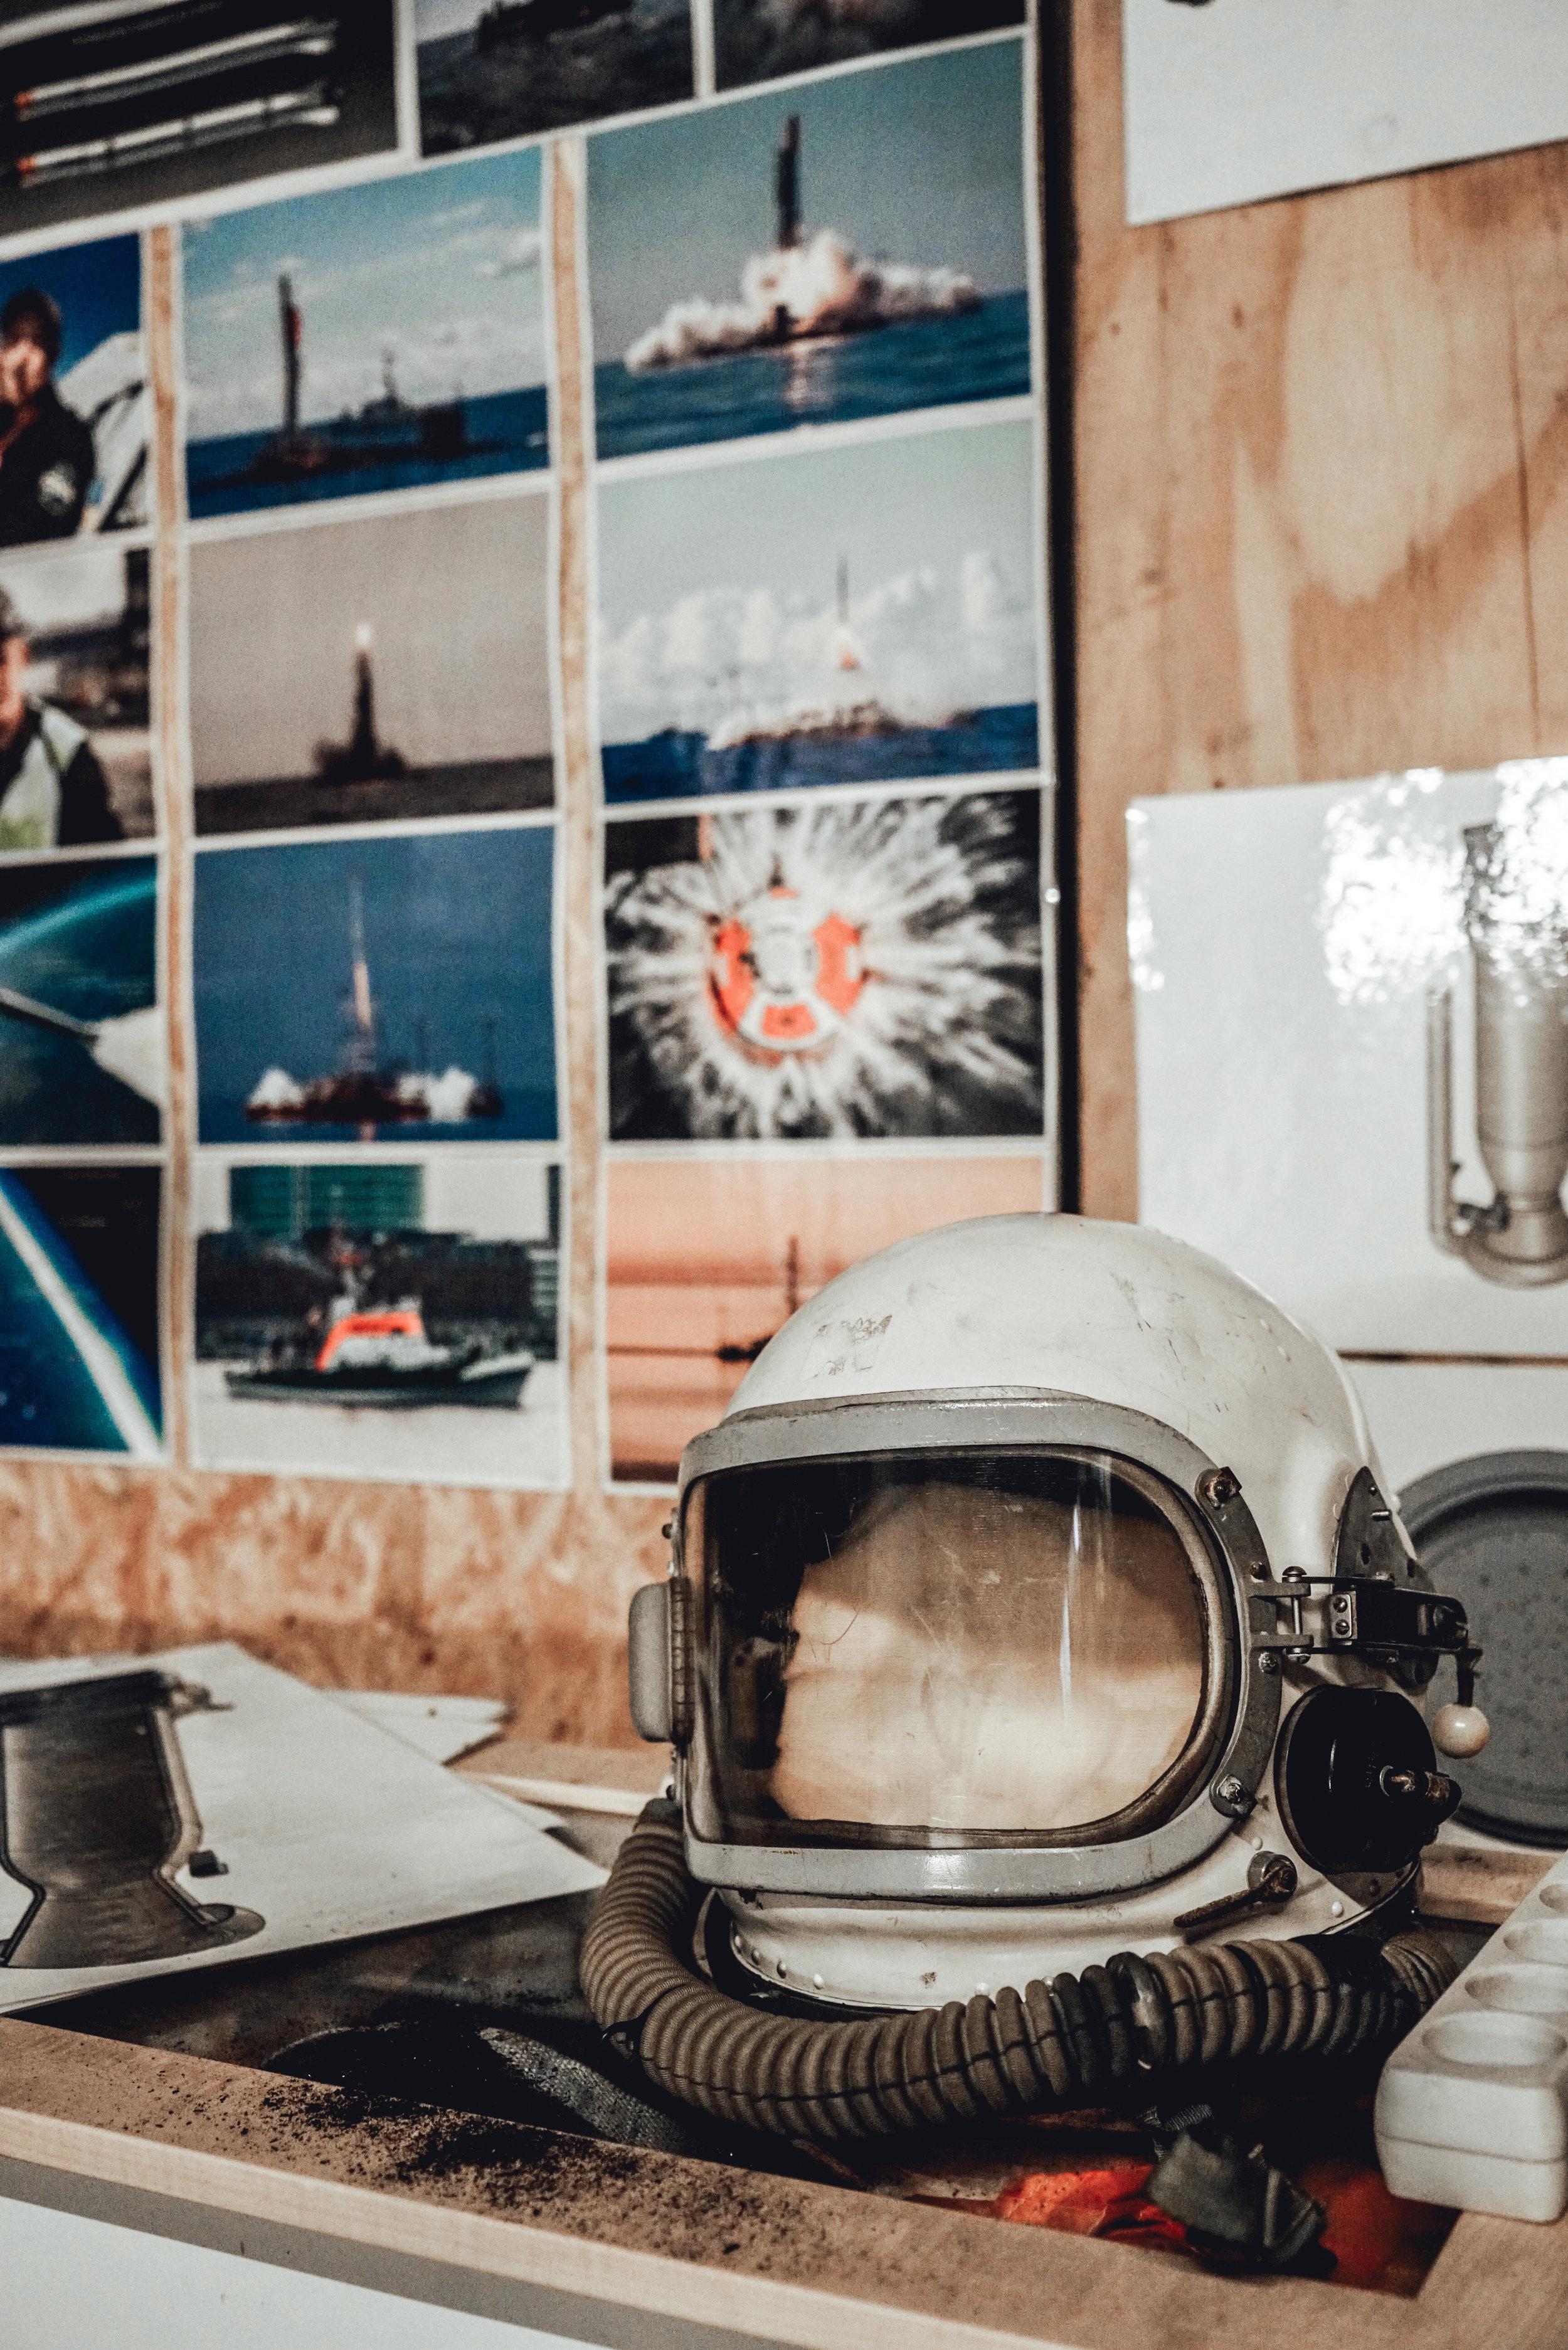 Copenhagen Suborbitals space helmet